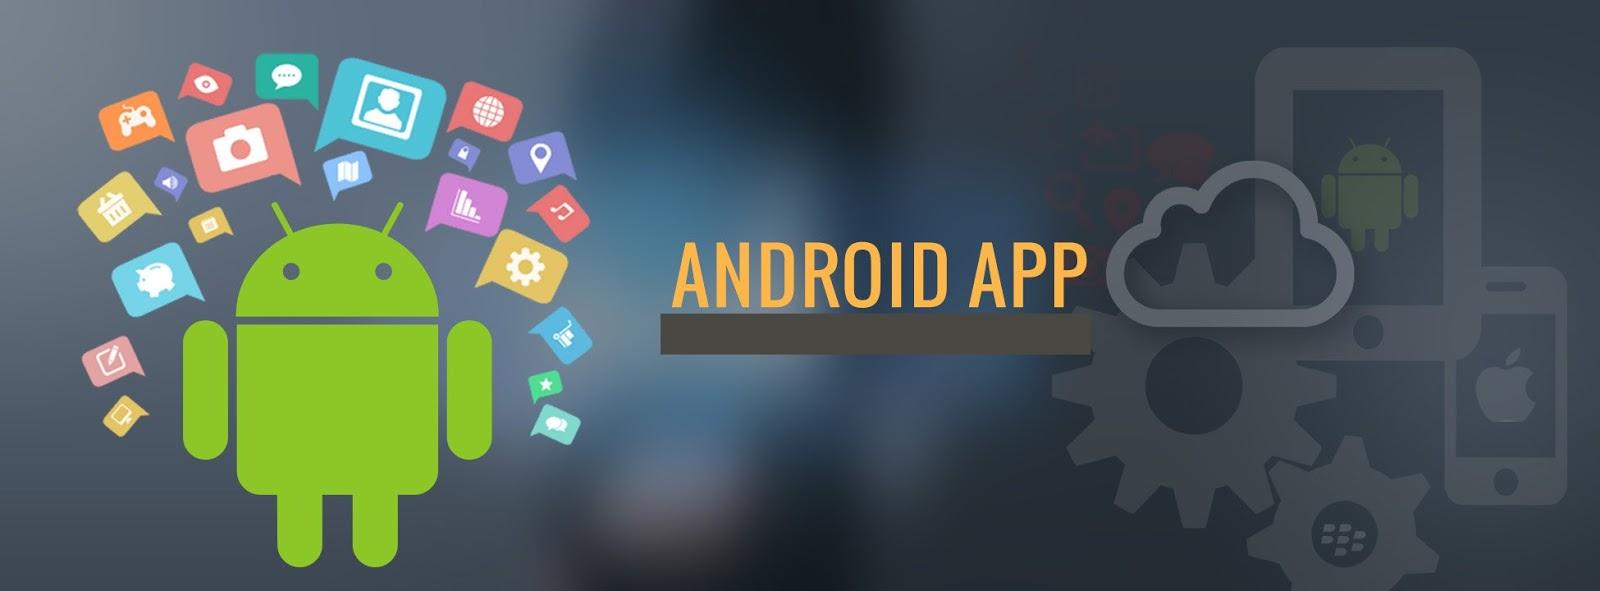 Aplikasi Android Terbaik 2018 Yang Wajib Untuk Di Coba